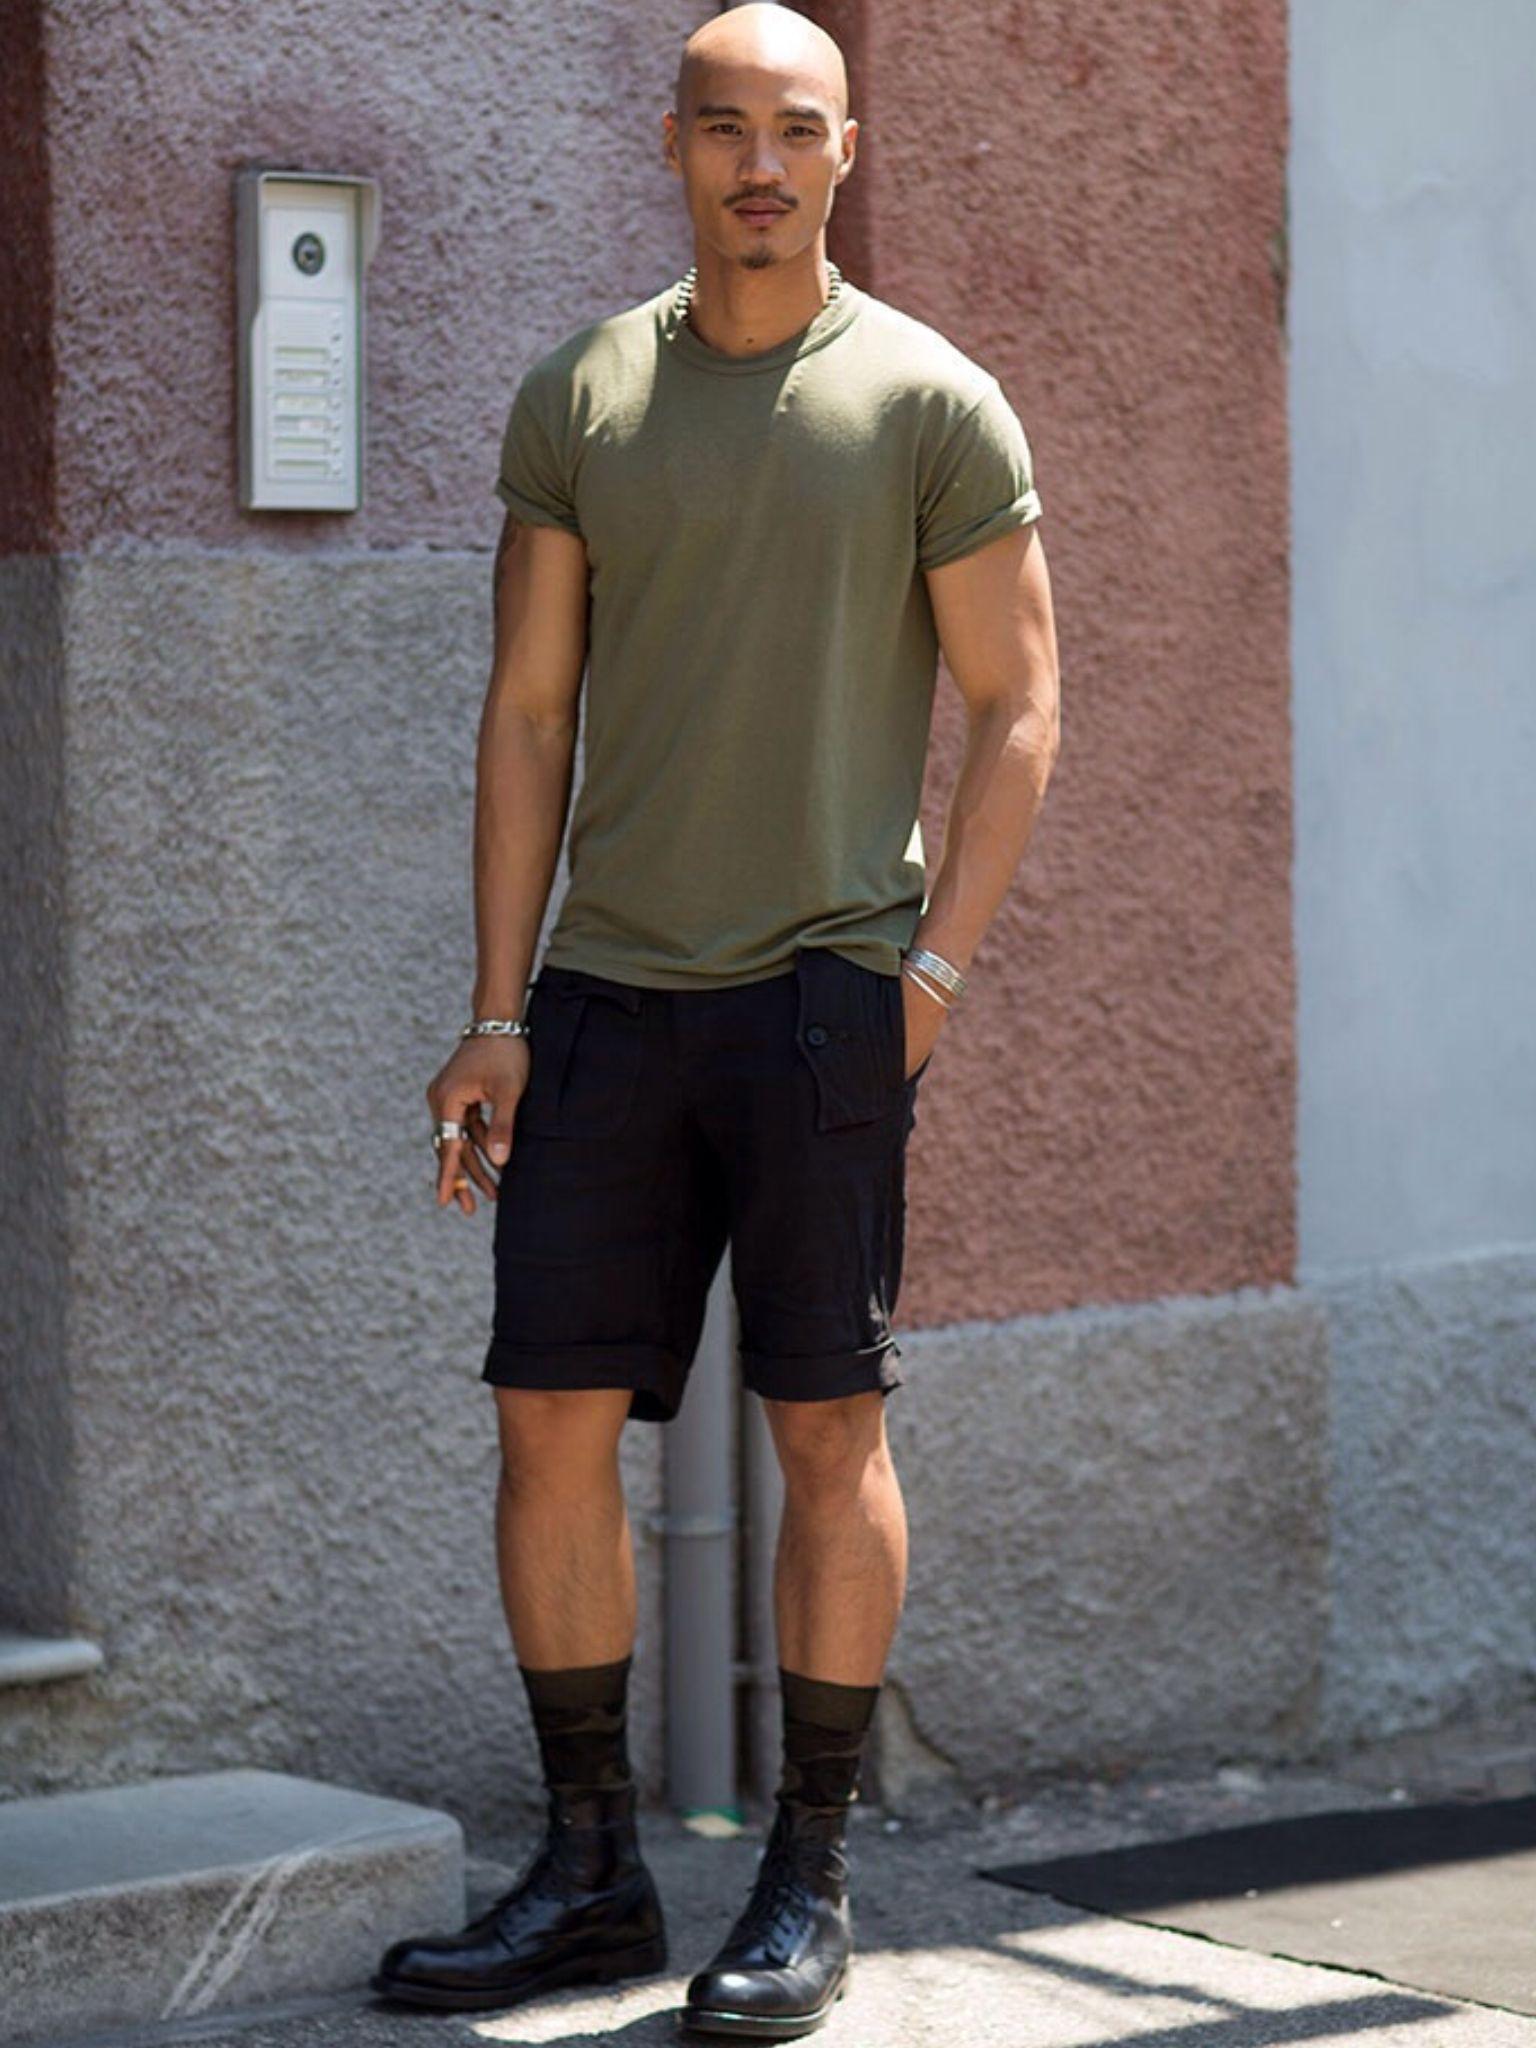 Long black shorts. High socks. | Men's Socks | Pinterest | Man ...